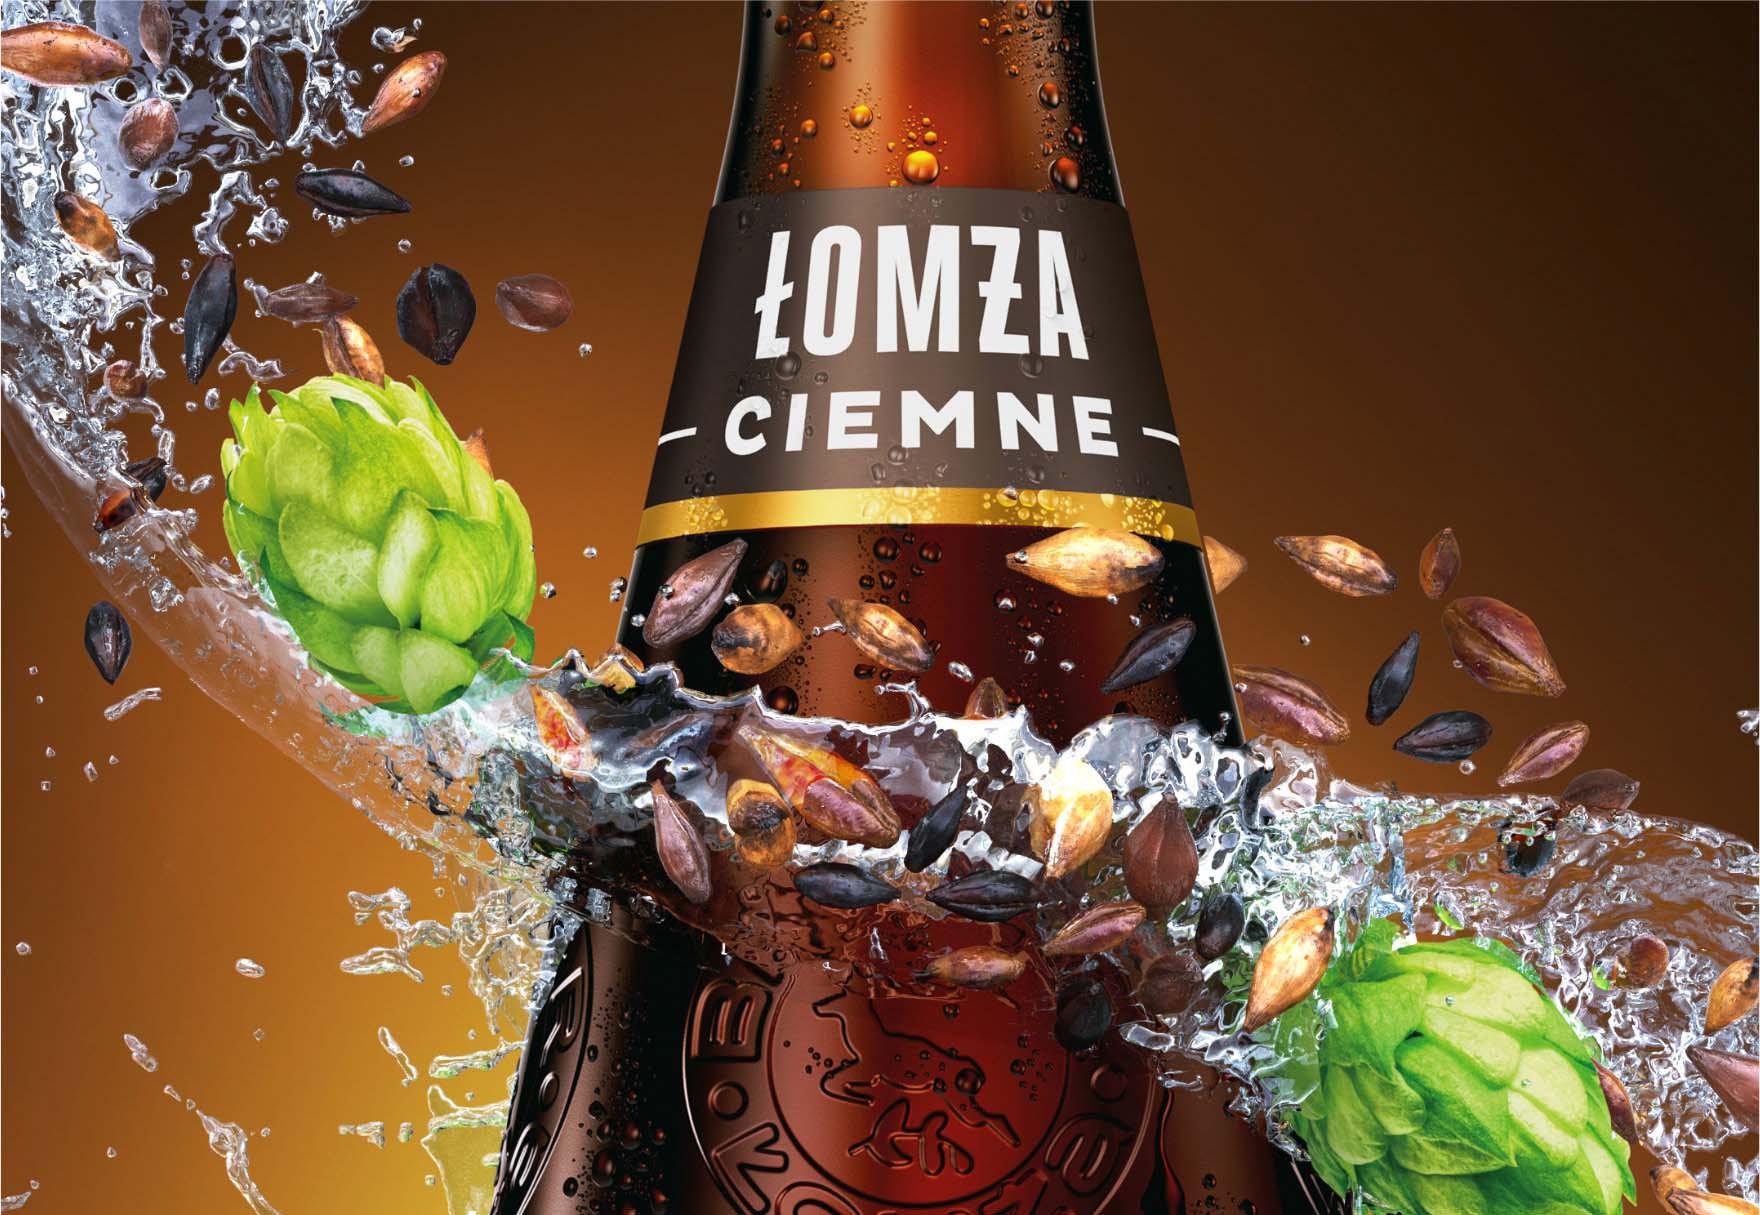 Wizualizacja opakowania piwa